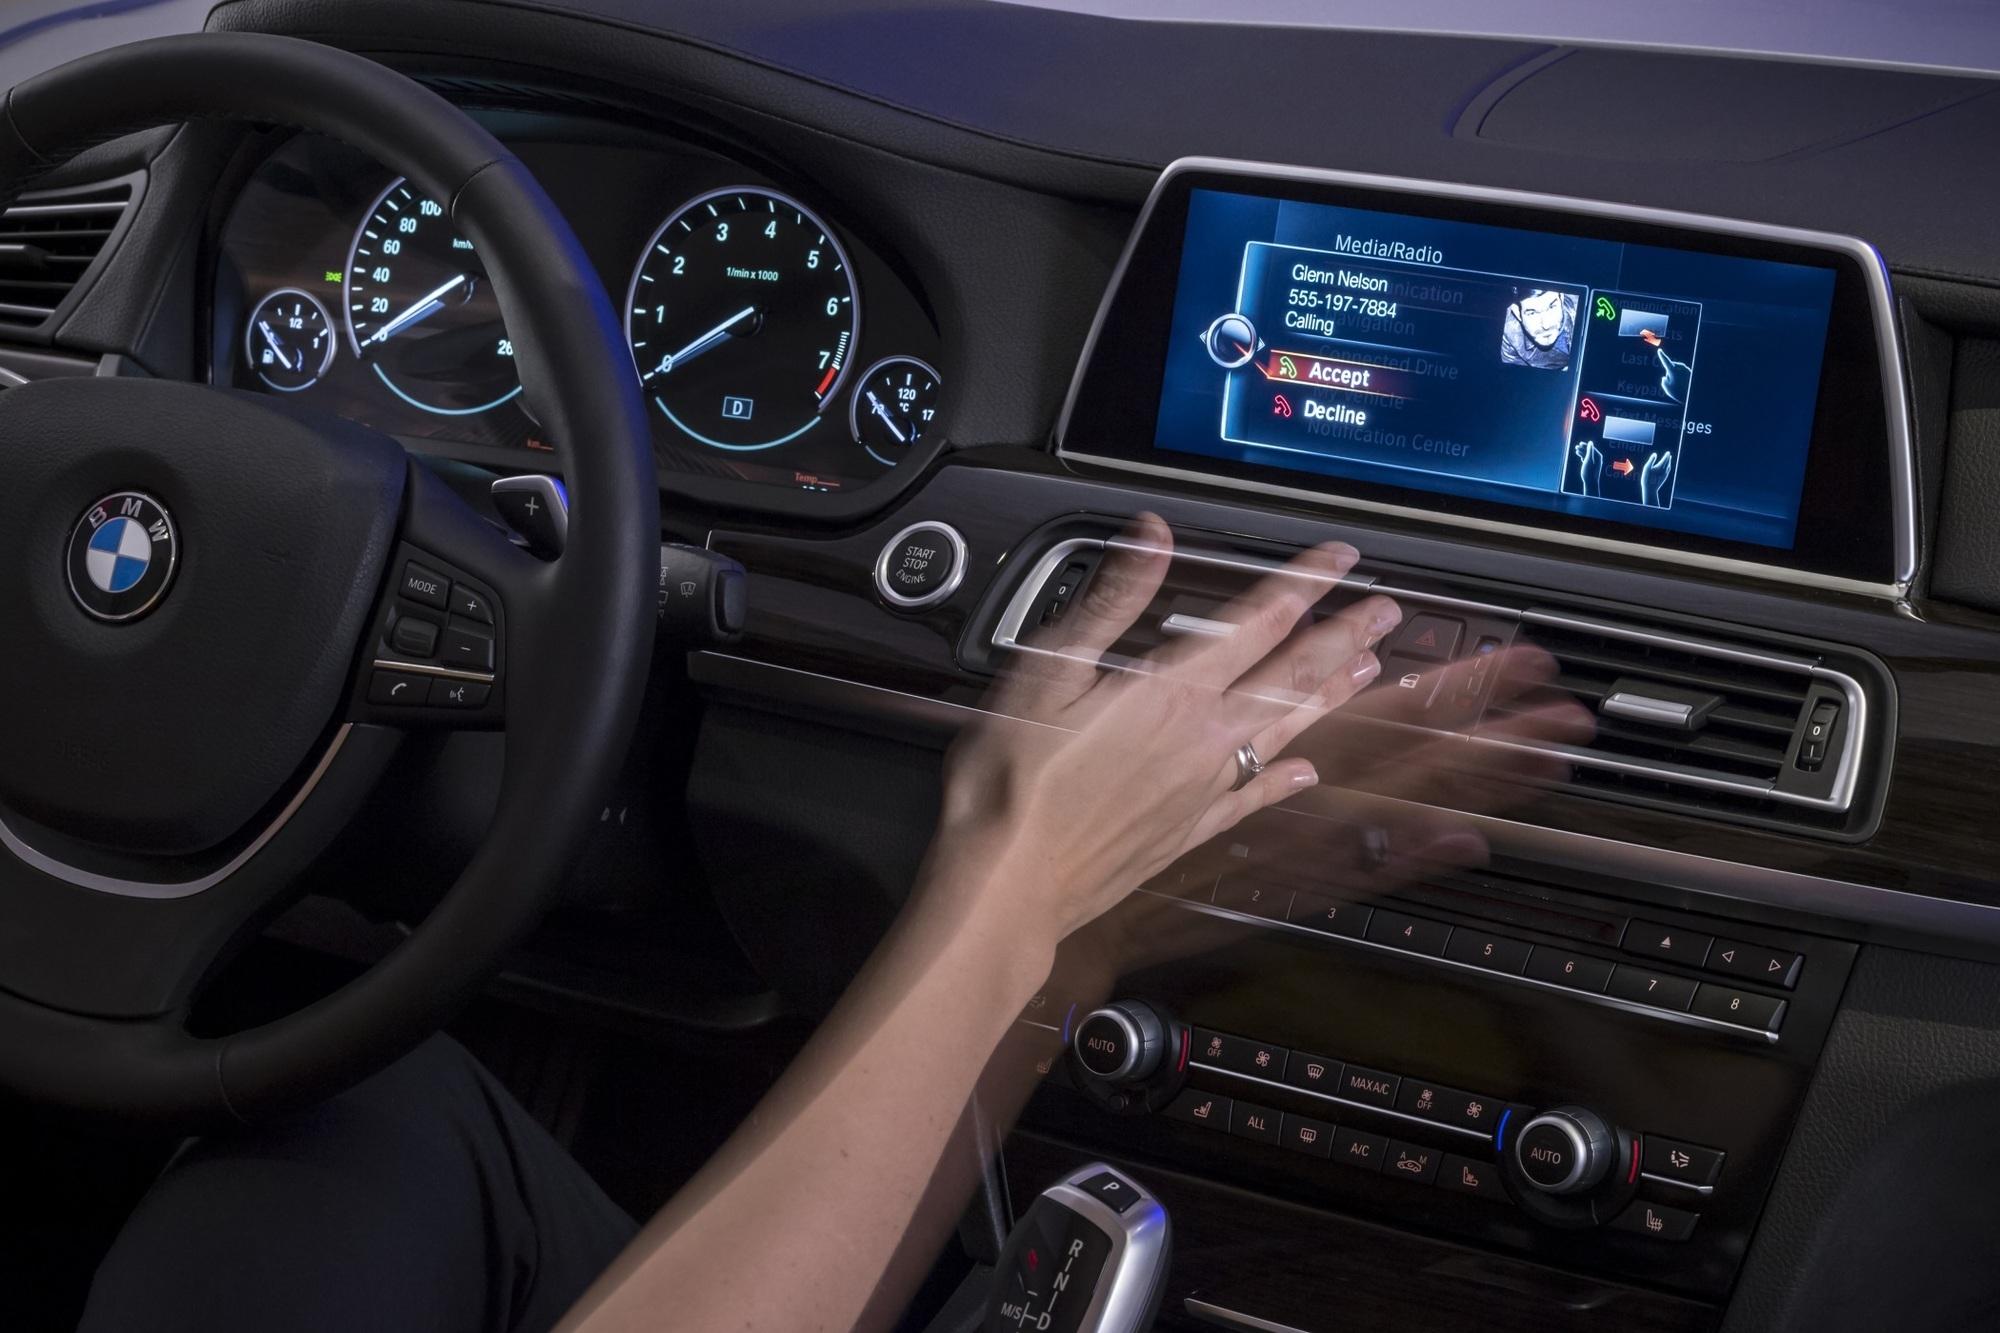 BMW setzt auf Gestensteuerung und Touchscreens - Wisch-Tipp statt Dreh-Drück